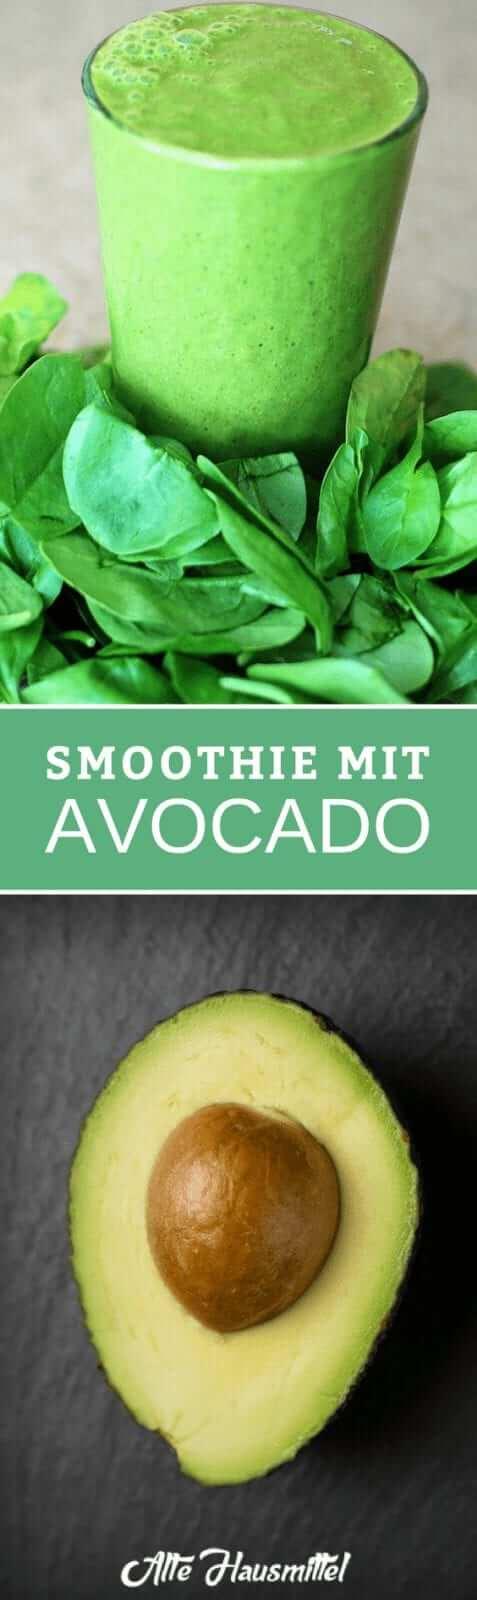 Smoothie mit Avocado